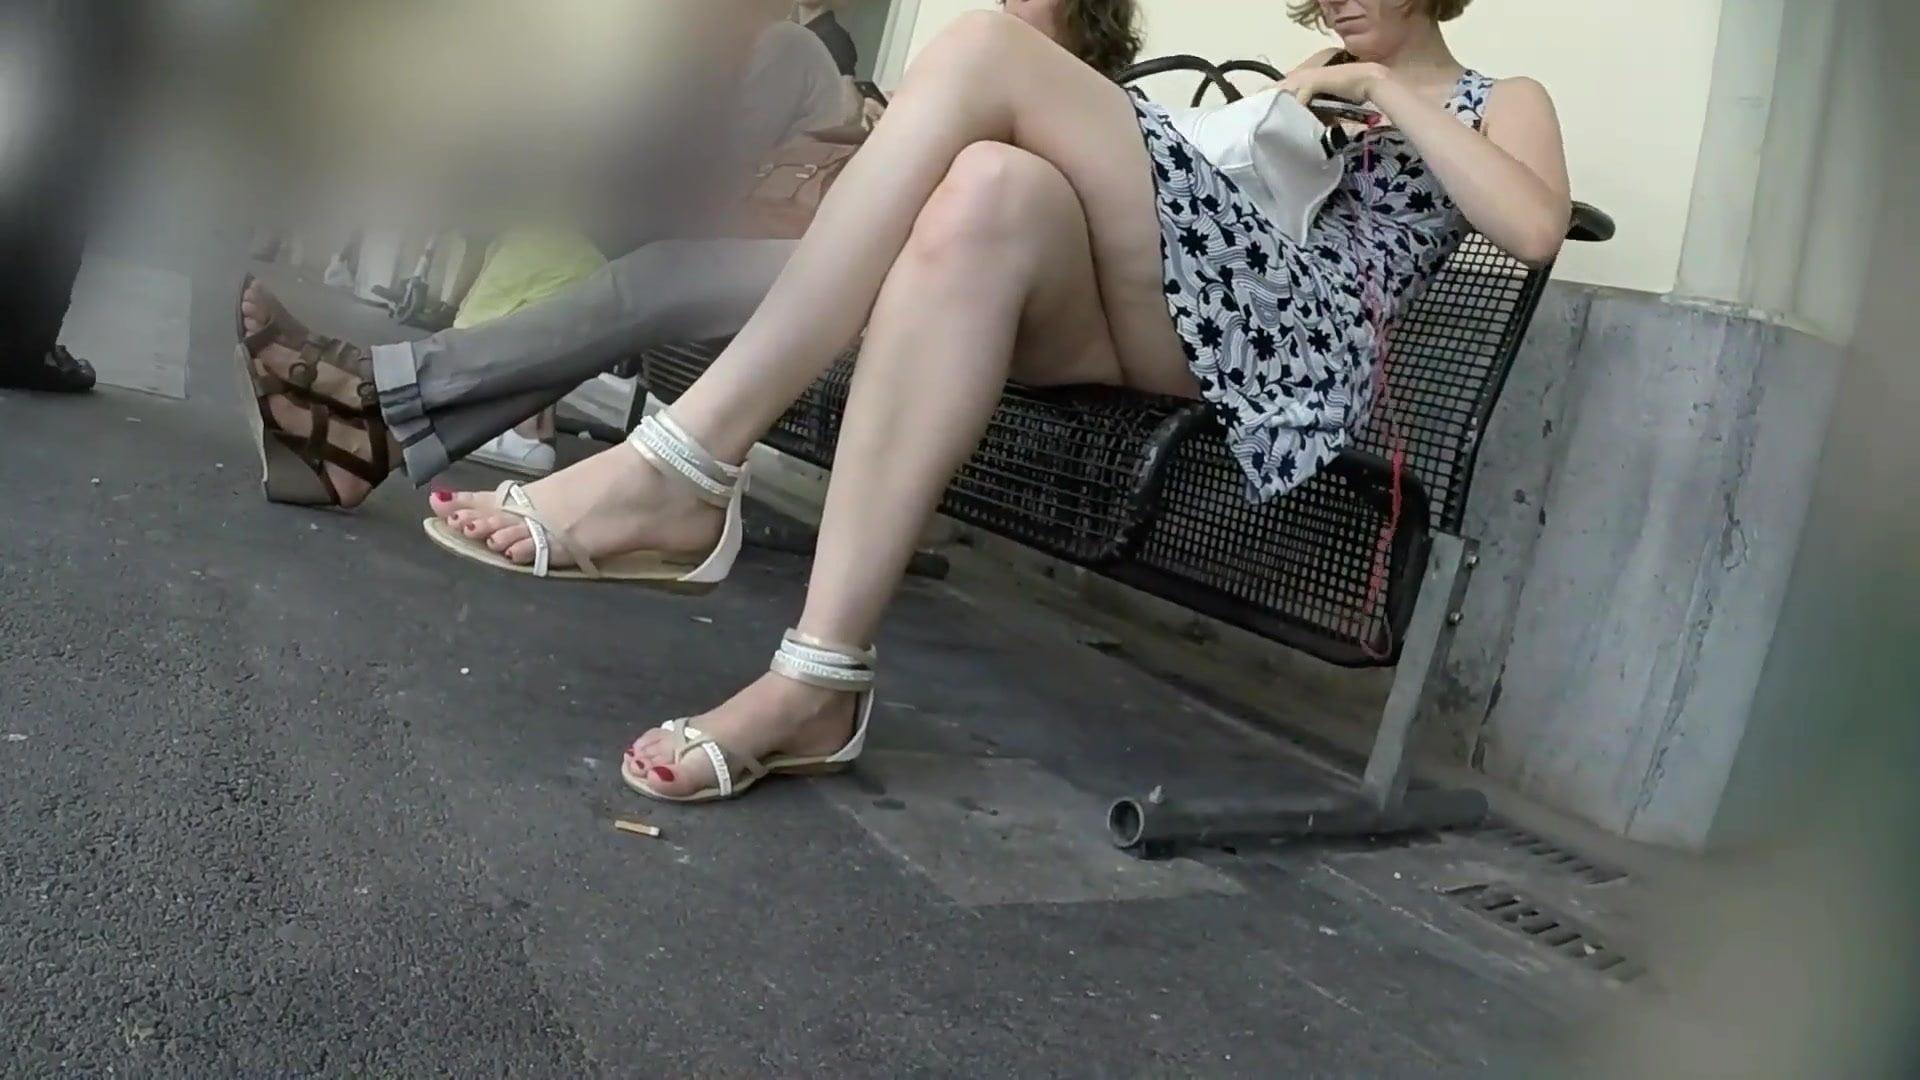 Девушка кончает в общественном месте видео — 4